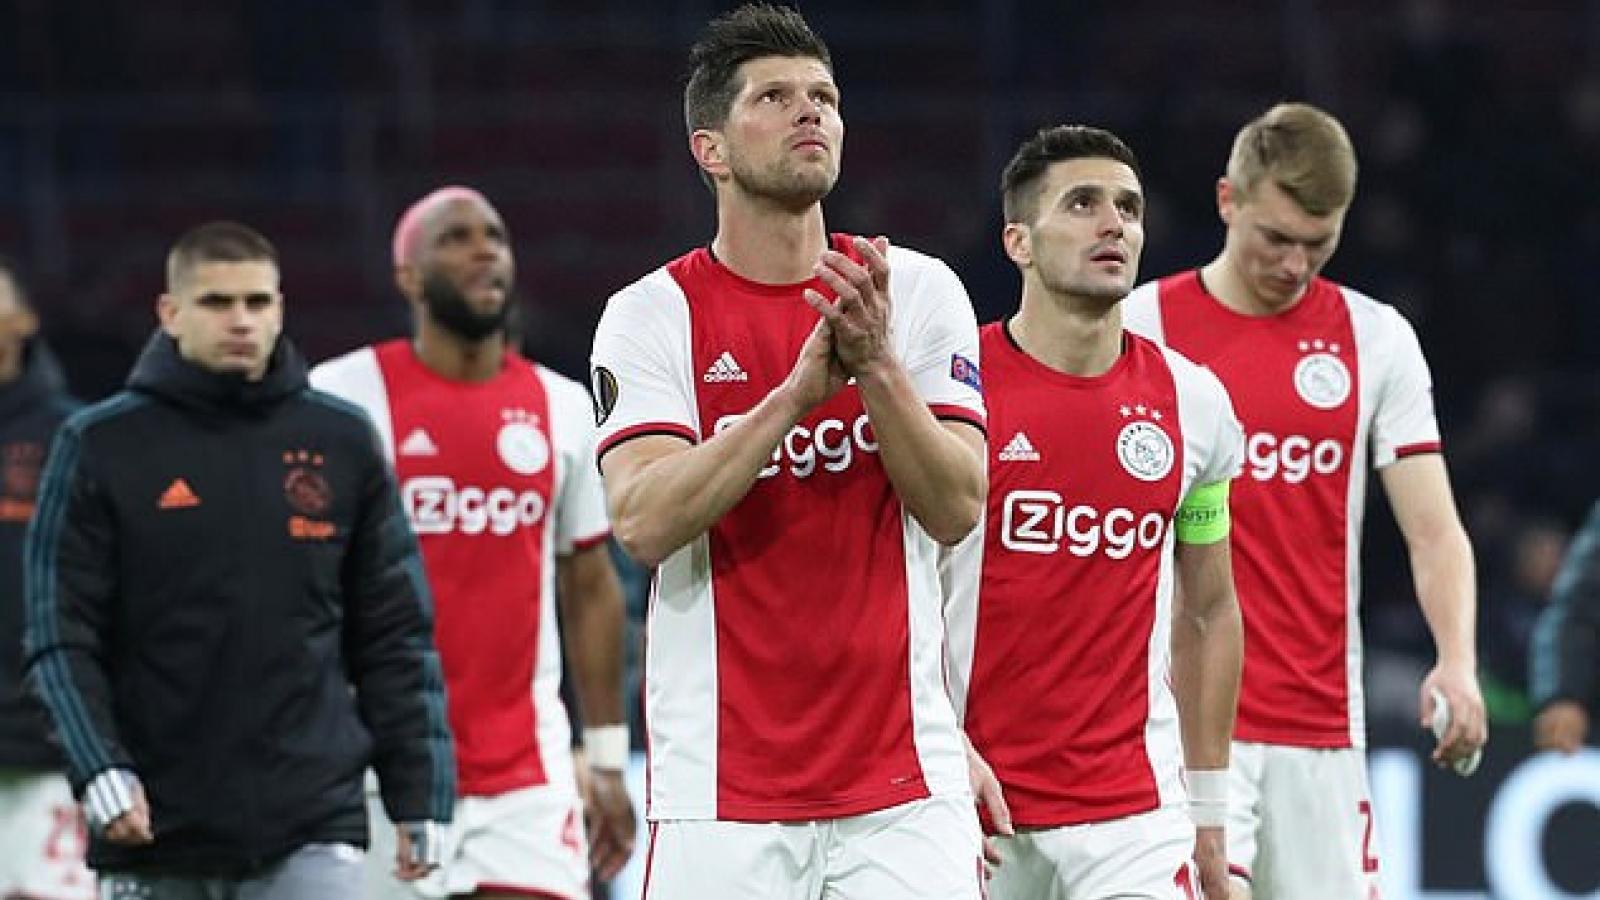 Giải VĐQG Hà Lan 2019/2020 chính thức bị hủy